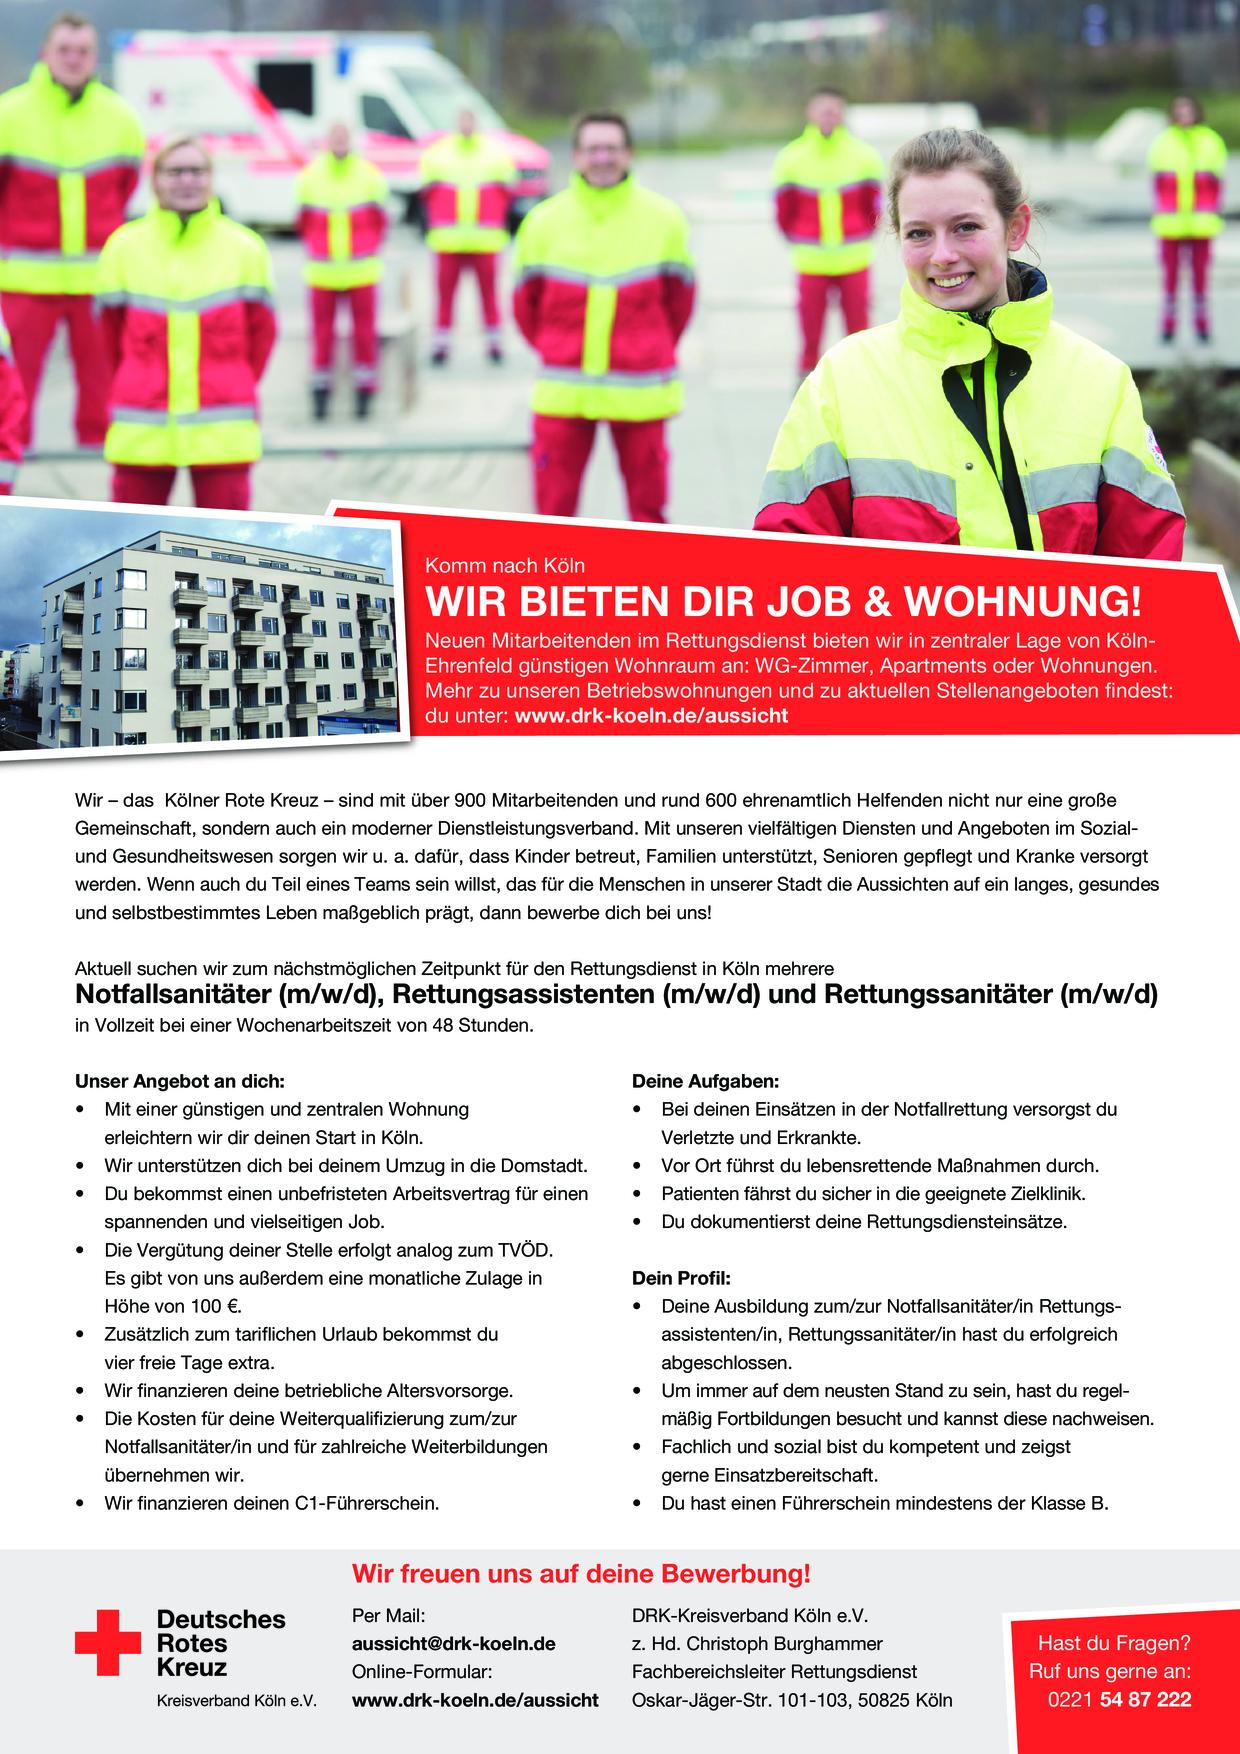 Stellenangebot Notfallsanitäter (m/w/d) mit Betriebswohnung  in Köln gesucht